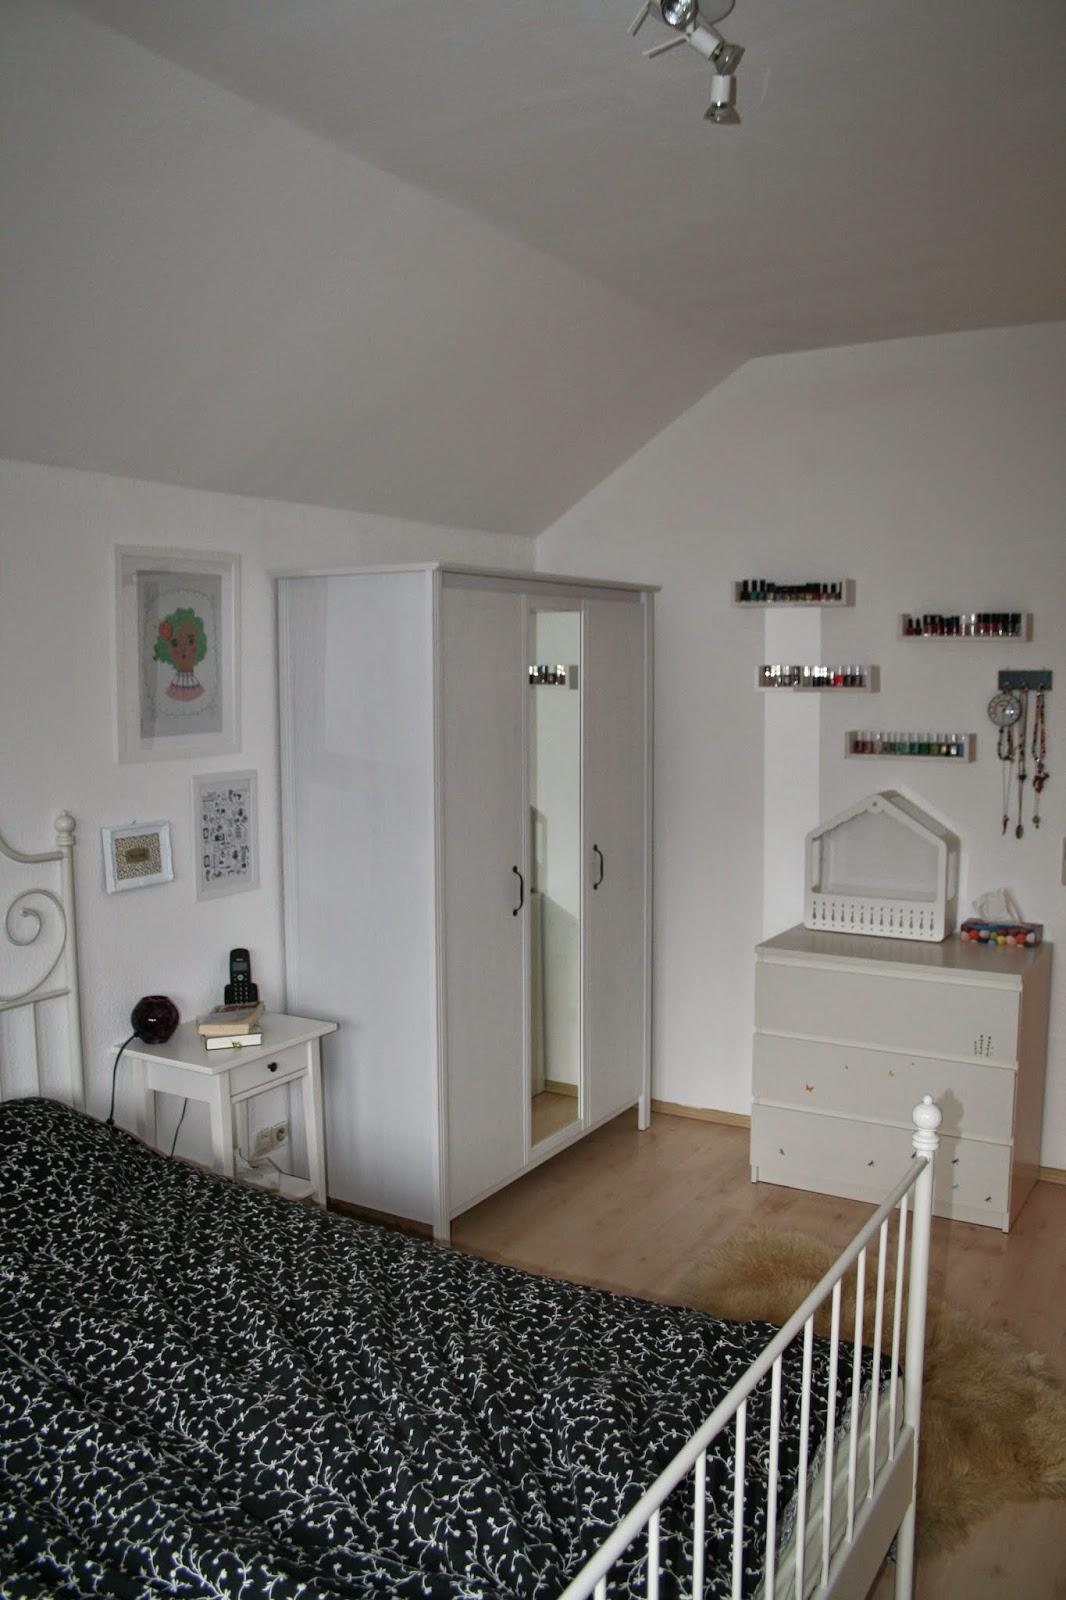 nestbautrieb im schlafzimmer. Black Bedroom Furniture Sets. Home Design Ideas